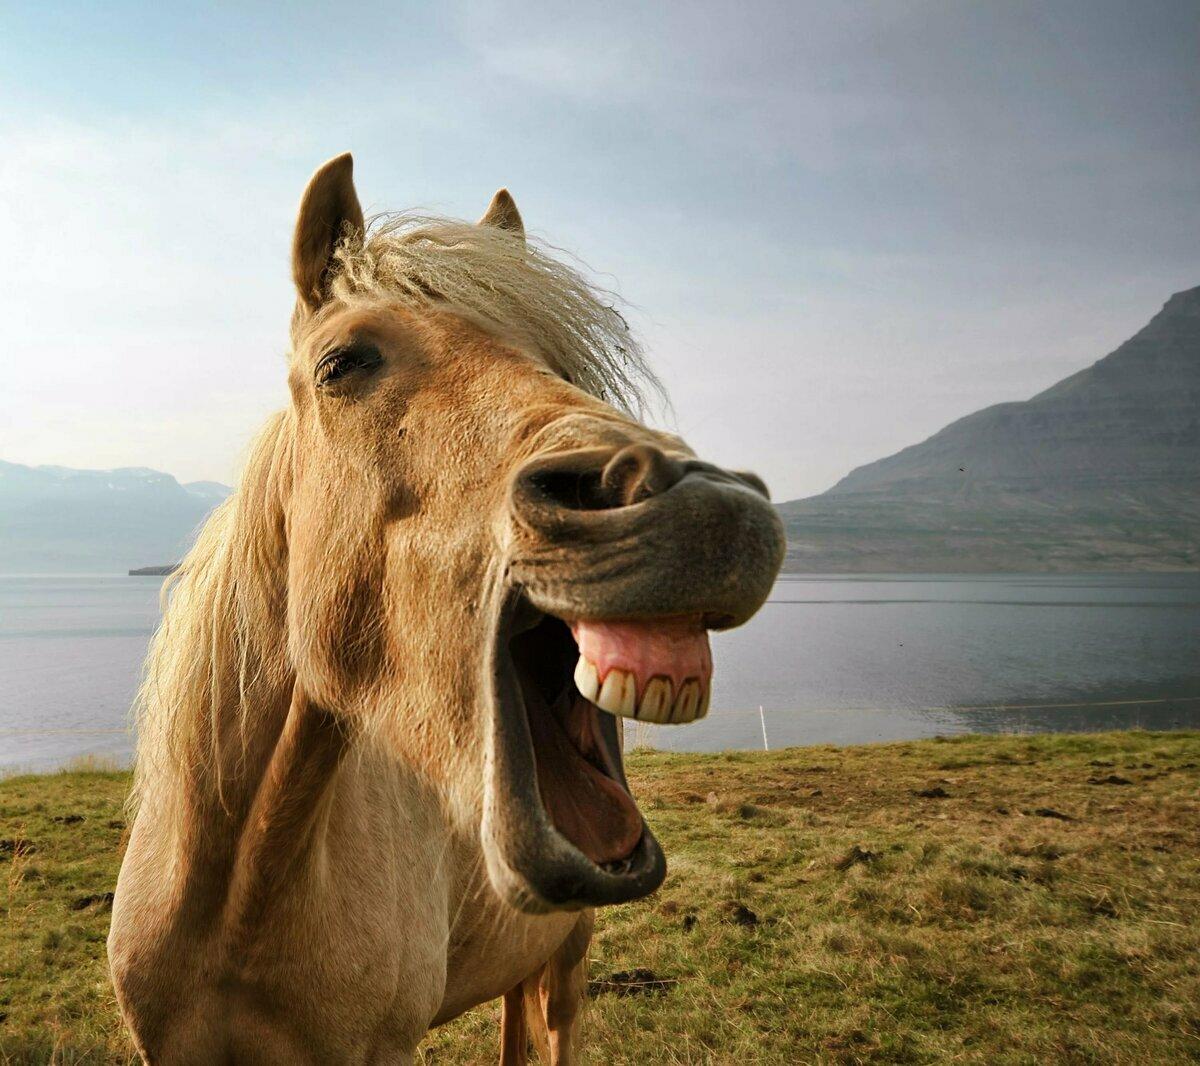 ржущие лошади картинки изображением животных используются